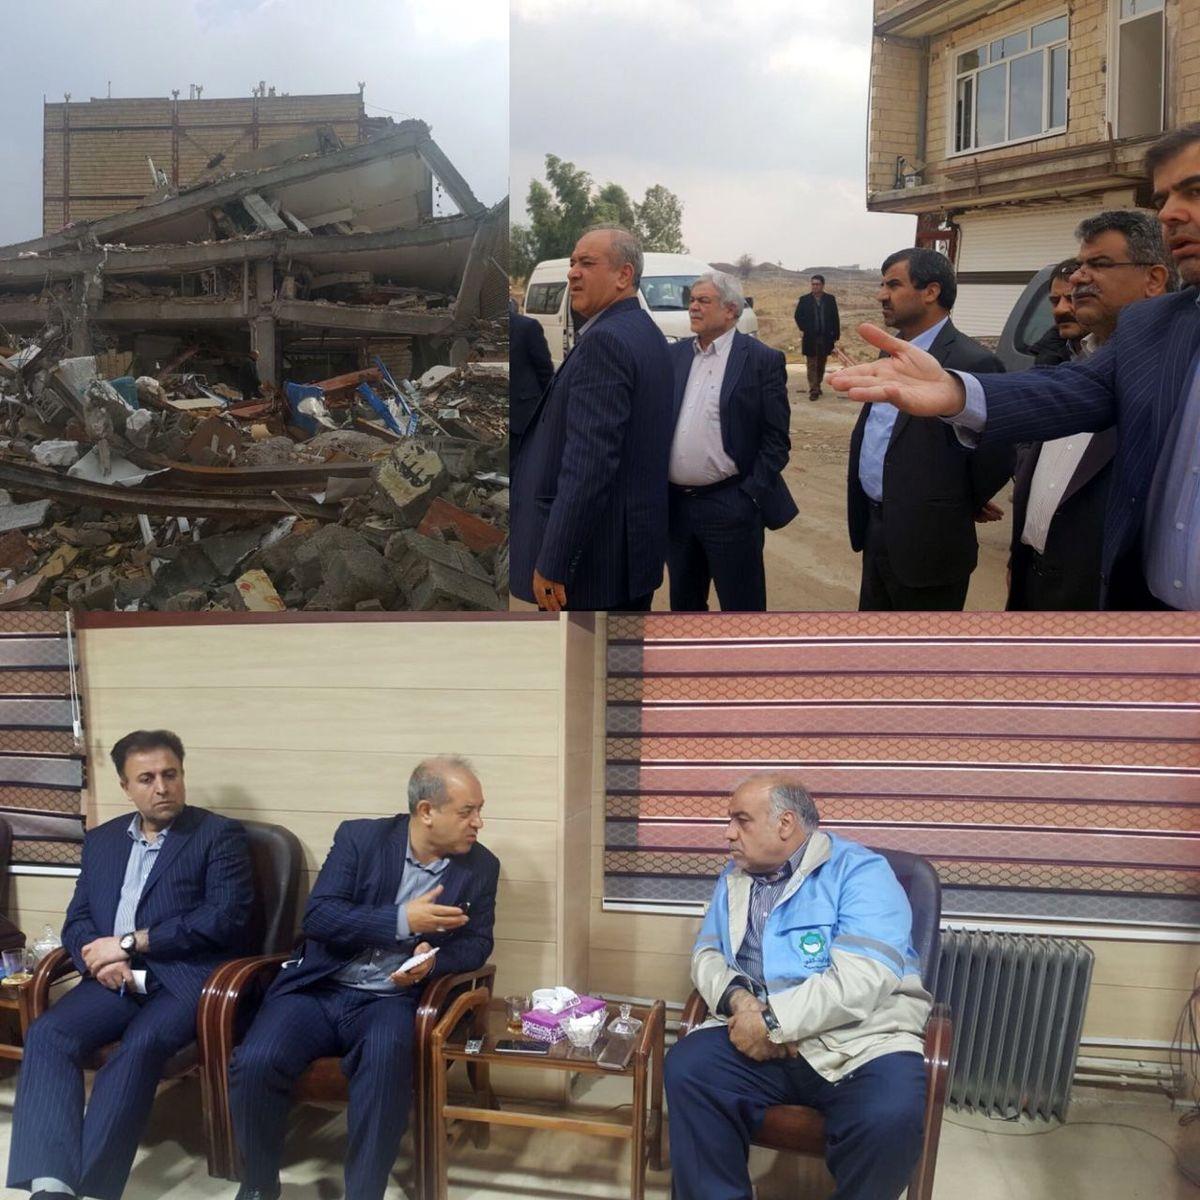 بازدید مدیرعامل بانک شهر از مناطق زلزلهزده غرب کشور